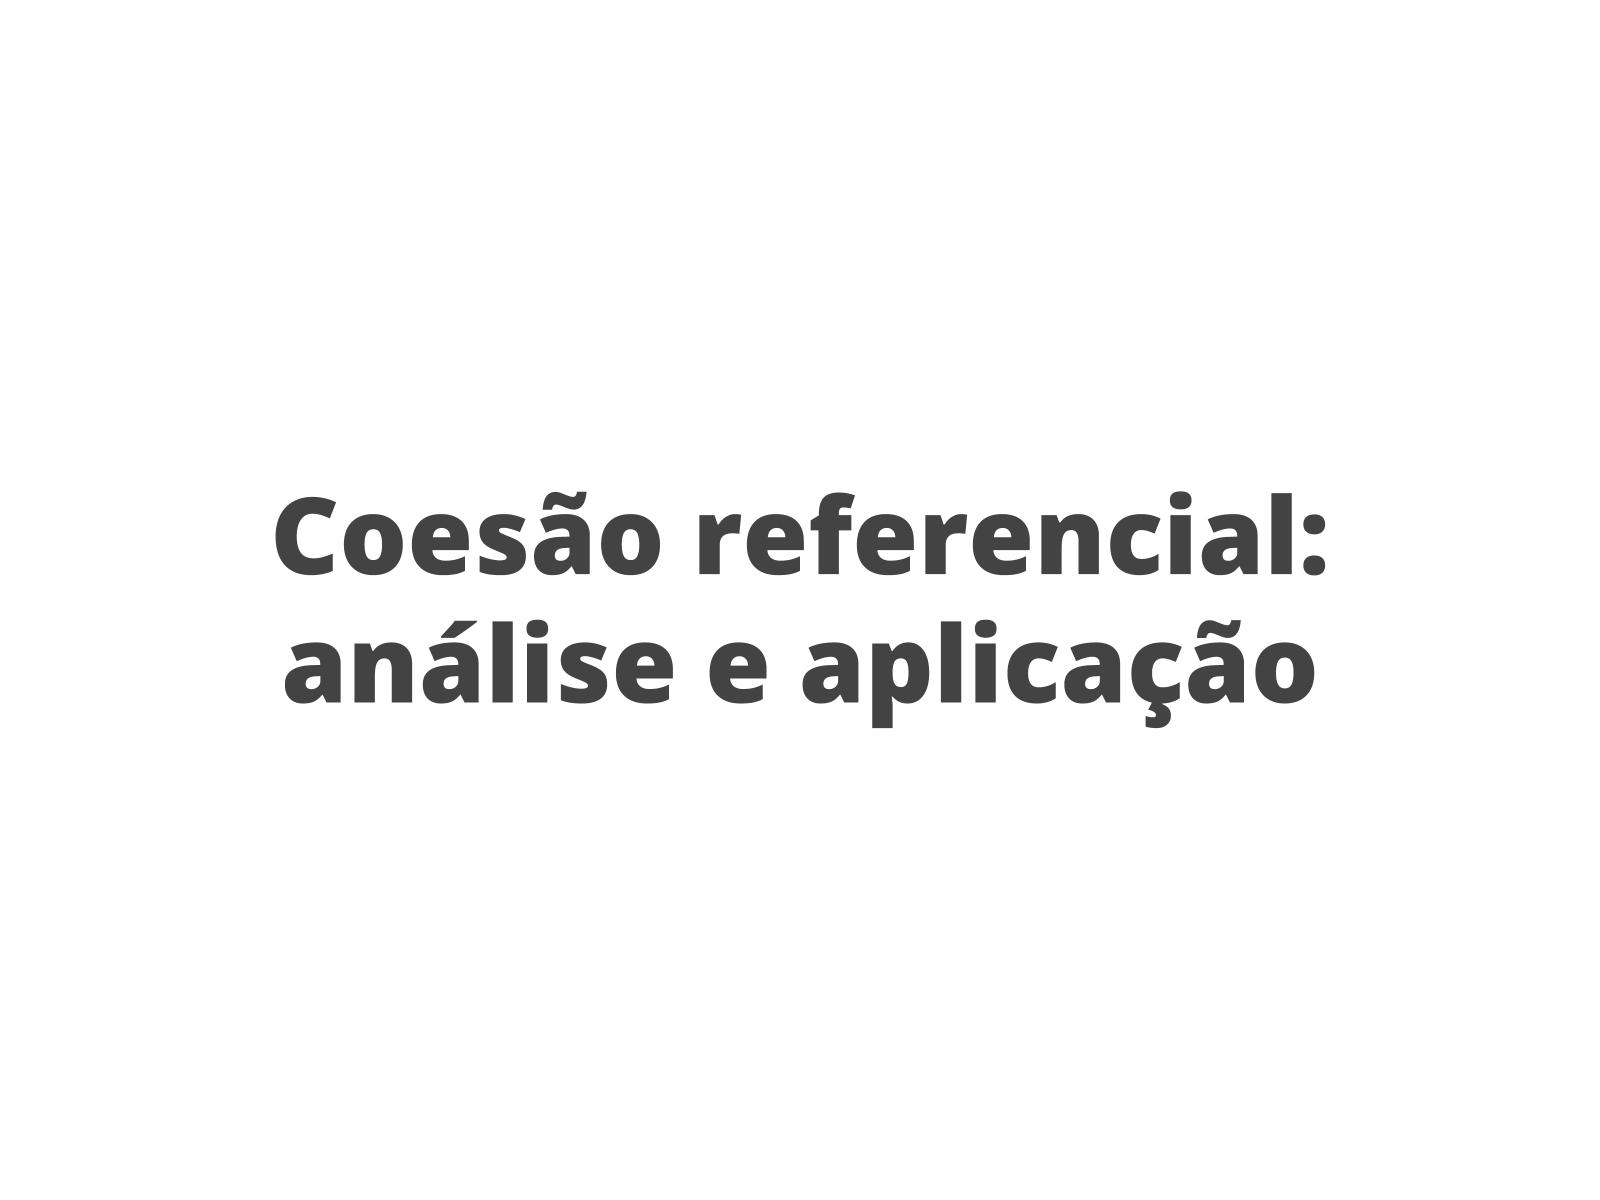 Coesão referencial: análise e aplicação